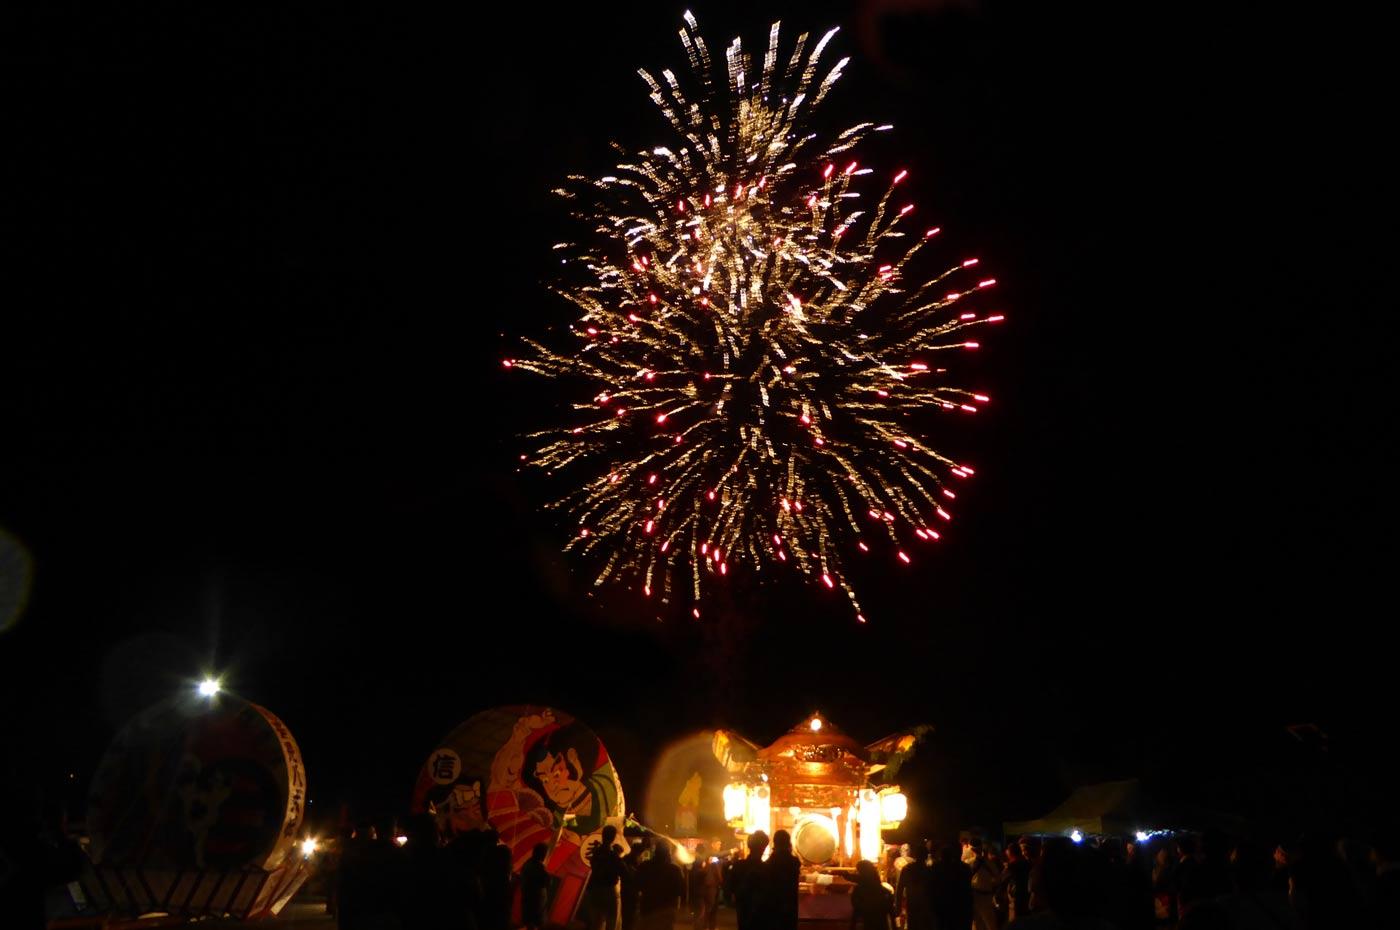 みよしの夜祭りの打ち上げ花火